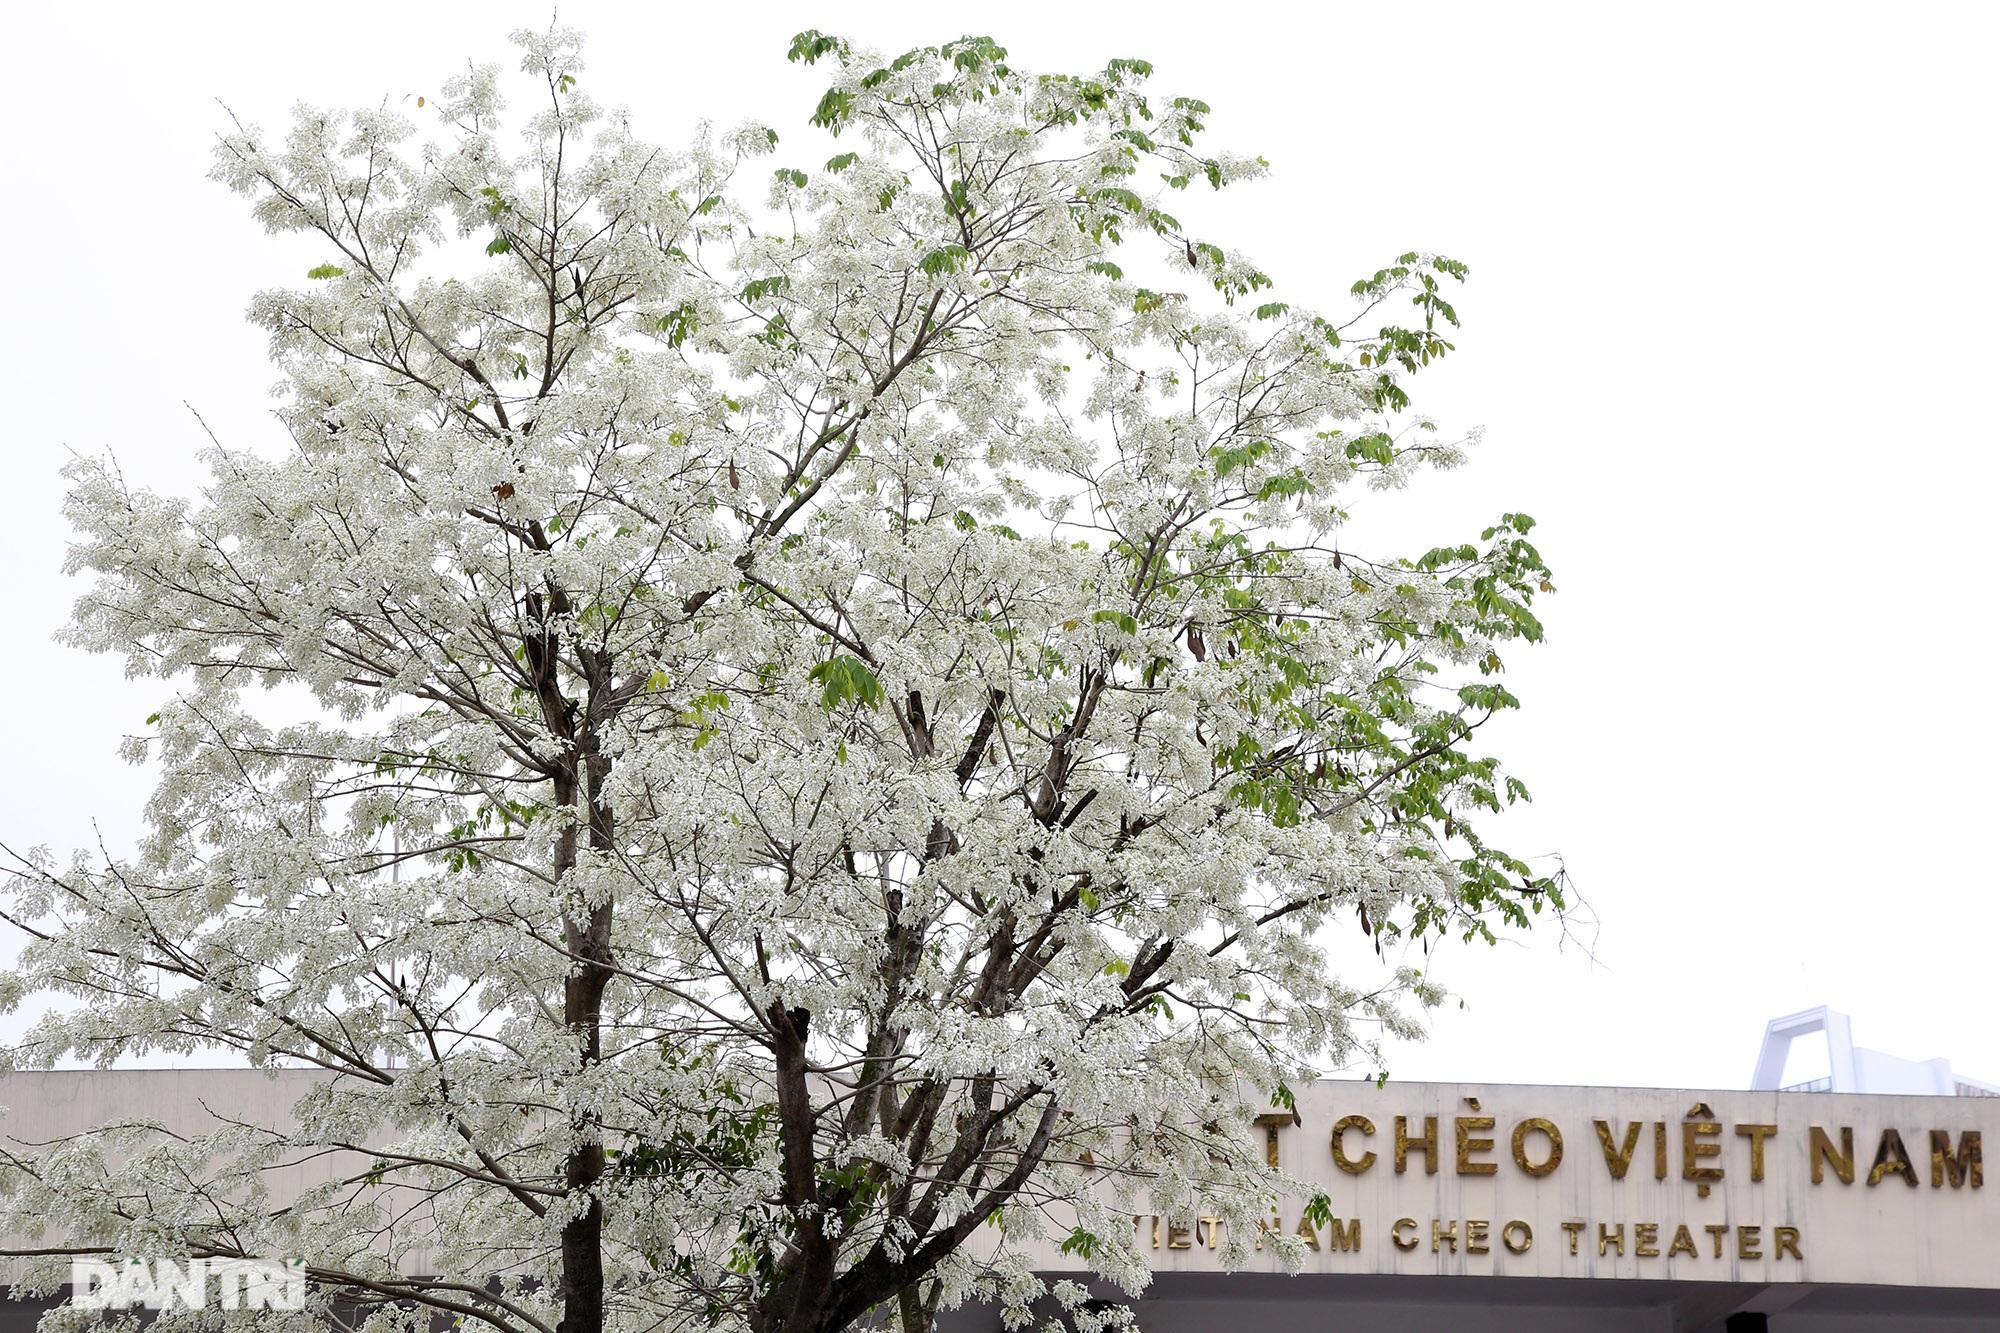 Hà Nội đẹp lạ trong mùa hoa sưa nở trắng tinh khôi - 7